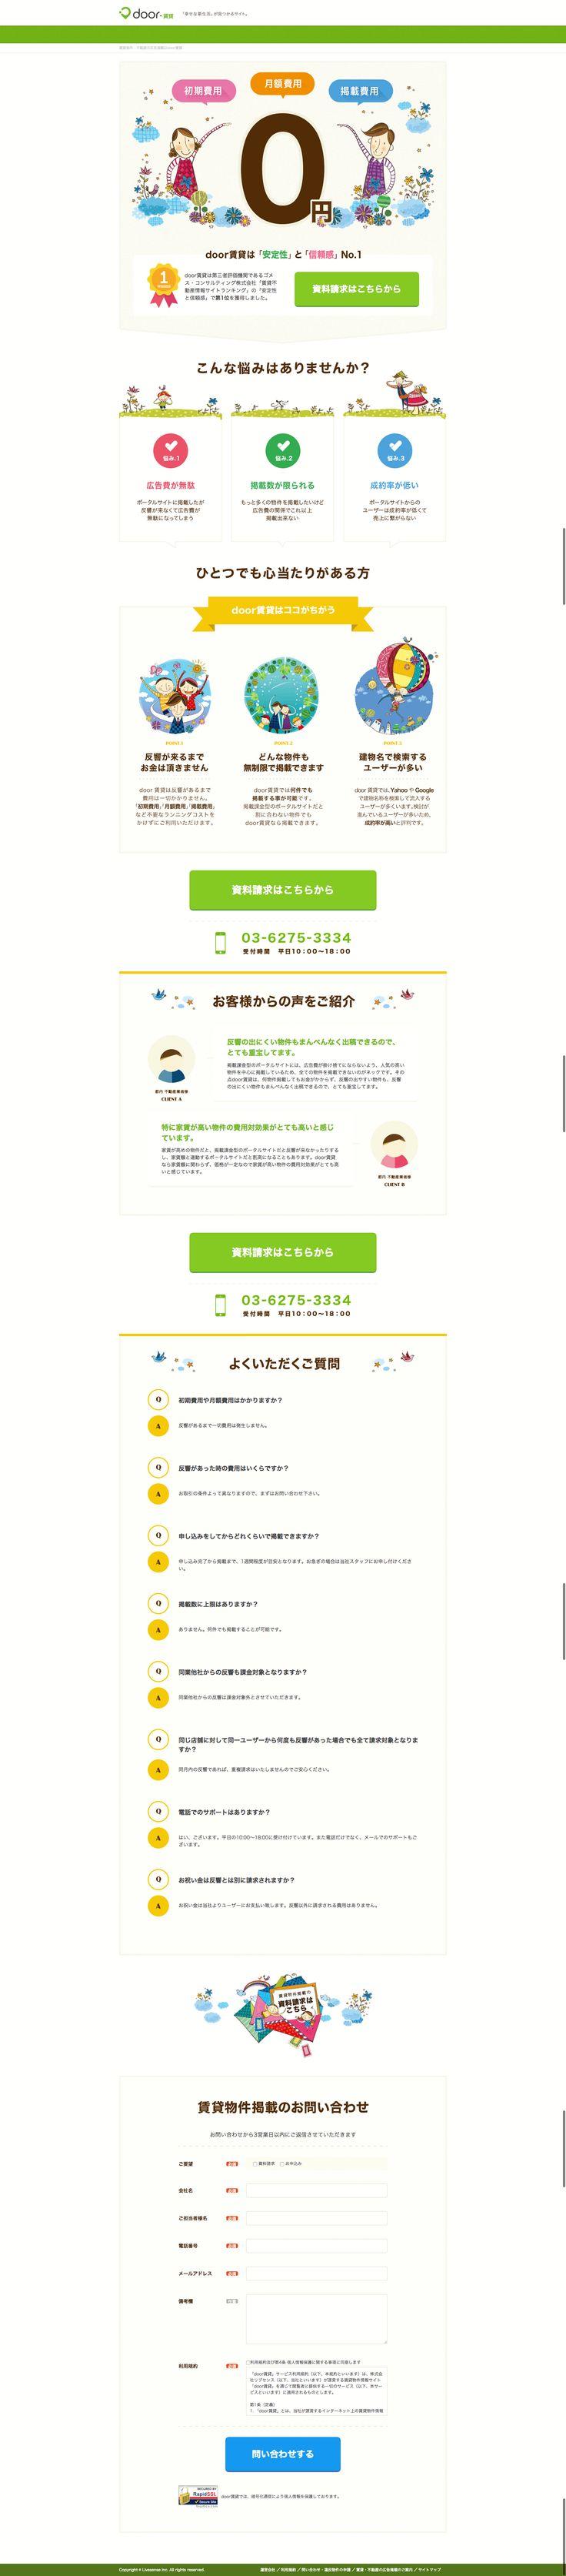 door賃貸 https://chintai.door.ac/info/keisai.htm